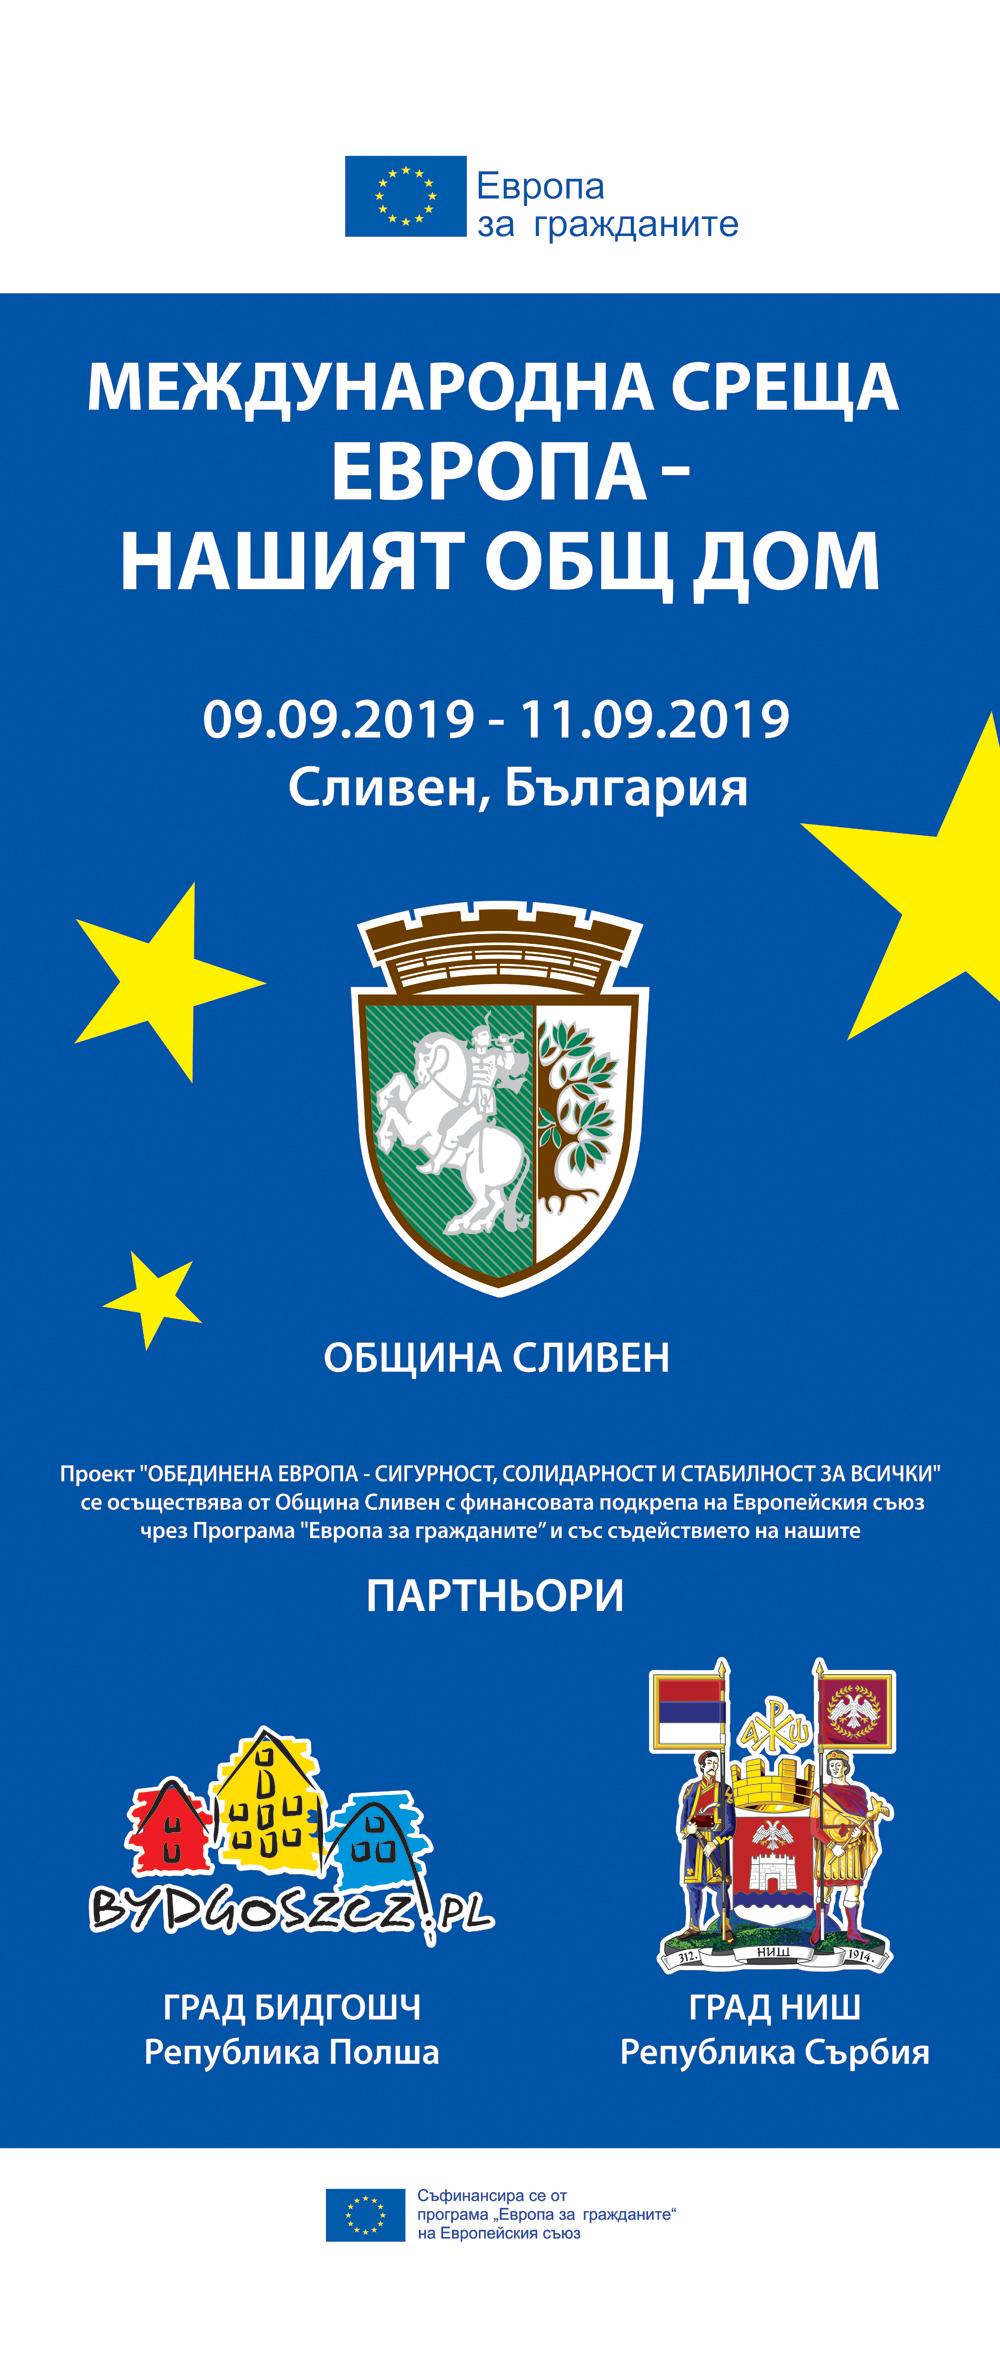 Международна среща Европа - Нашият общ дом